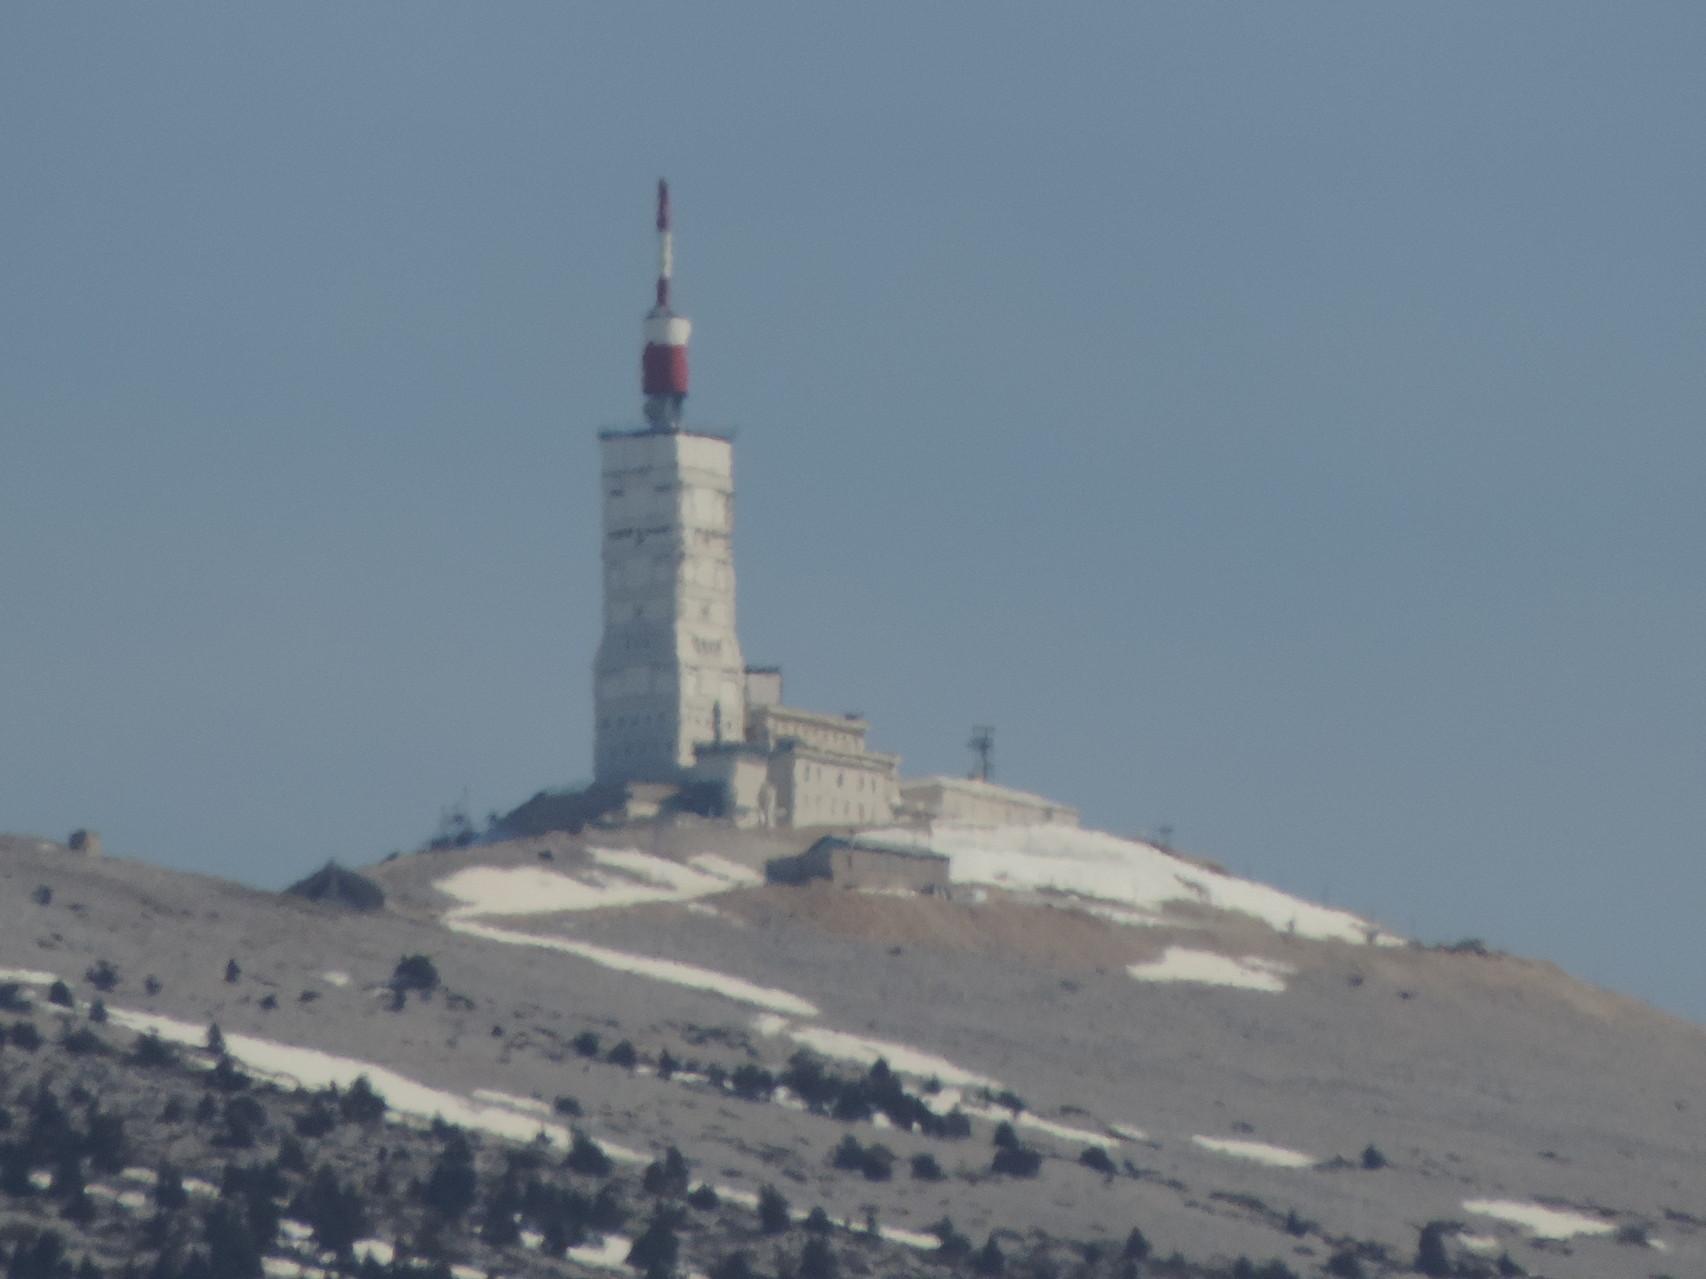 La tour au sommet du Géant de Provence